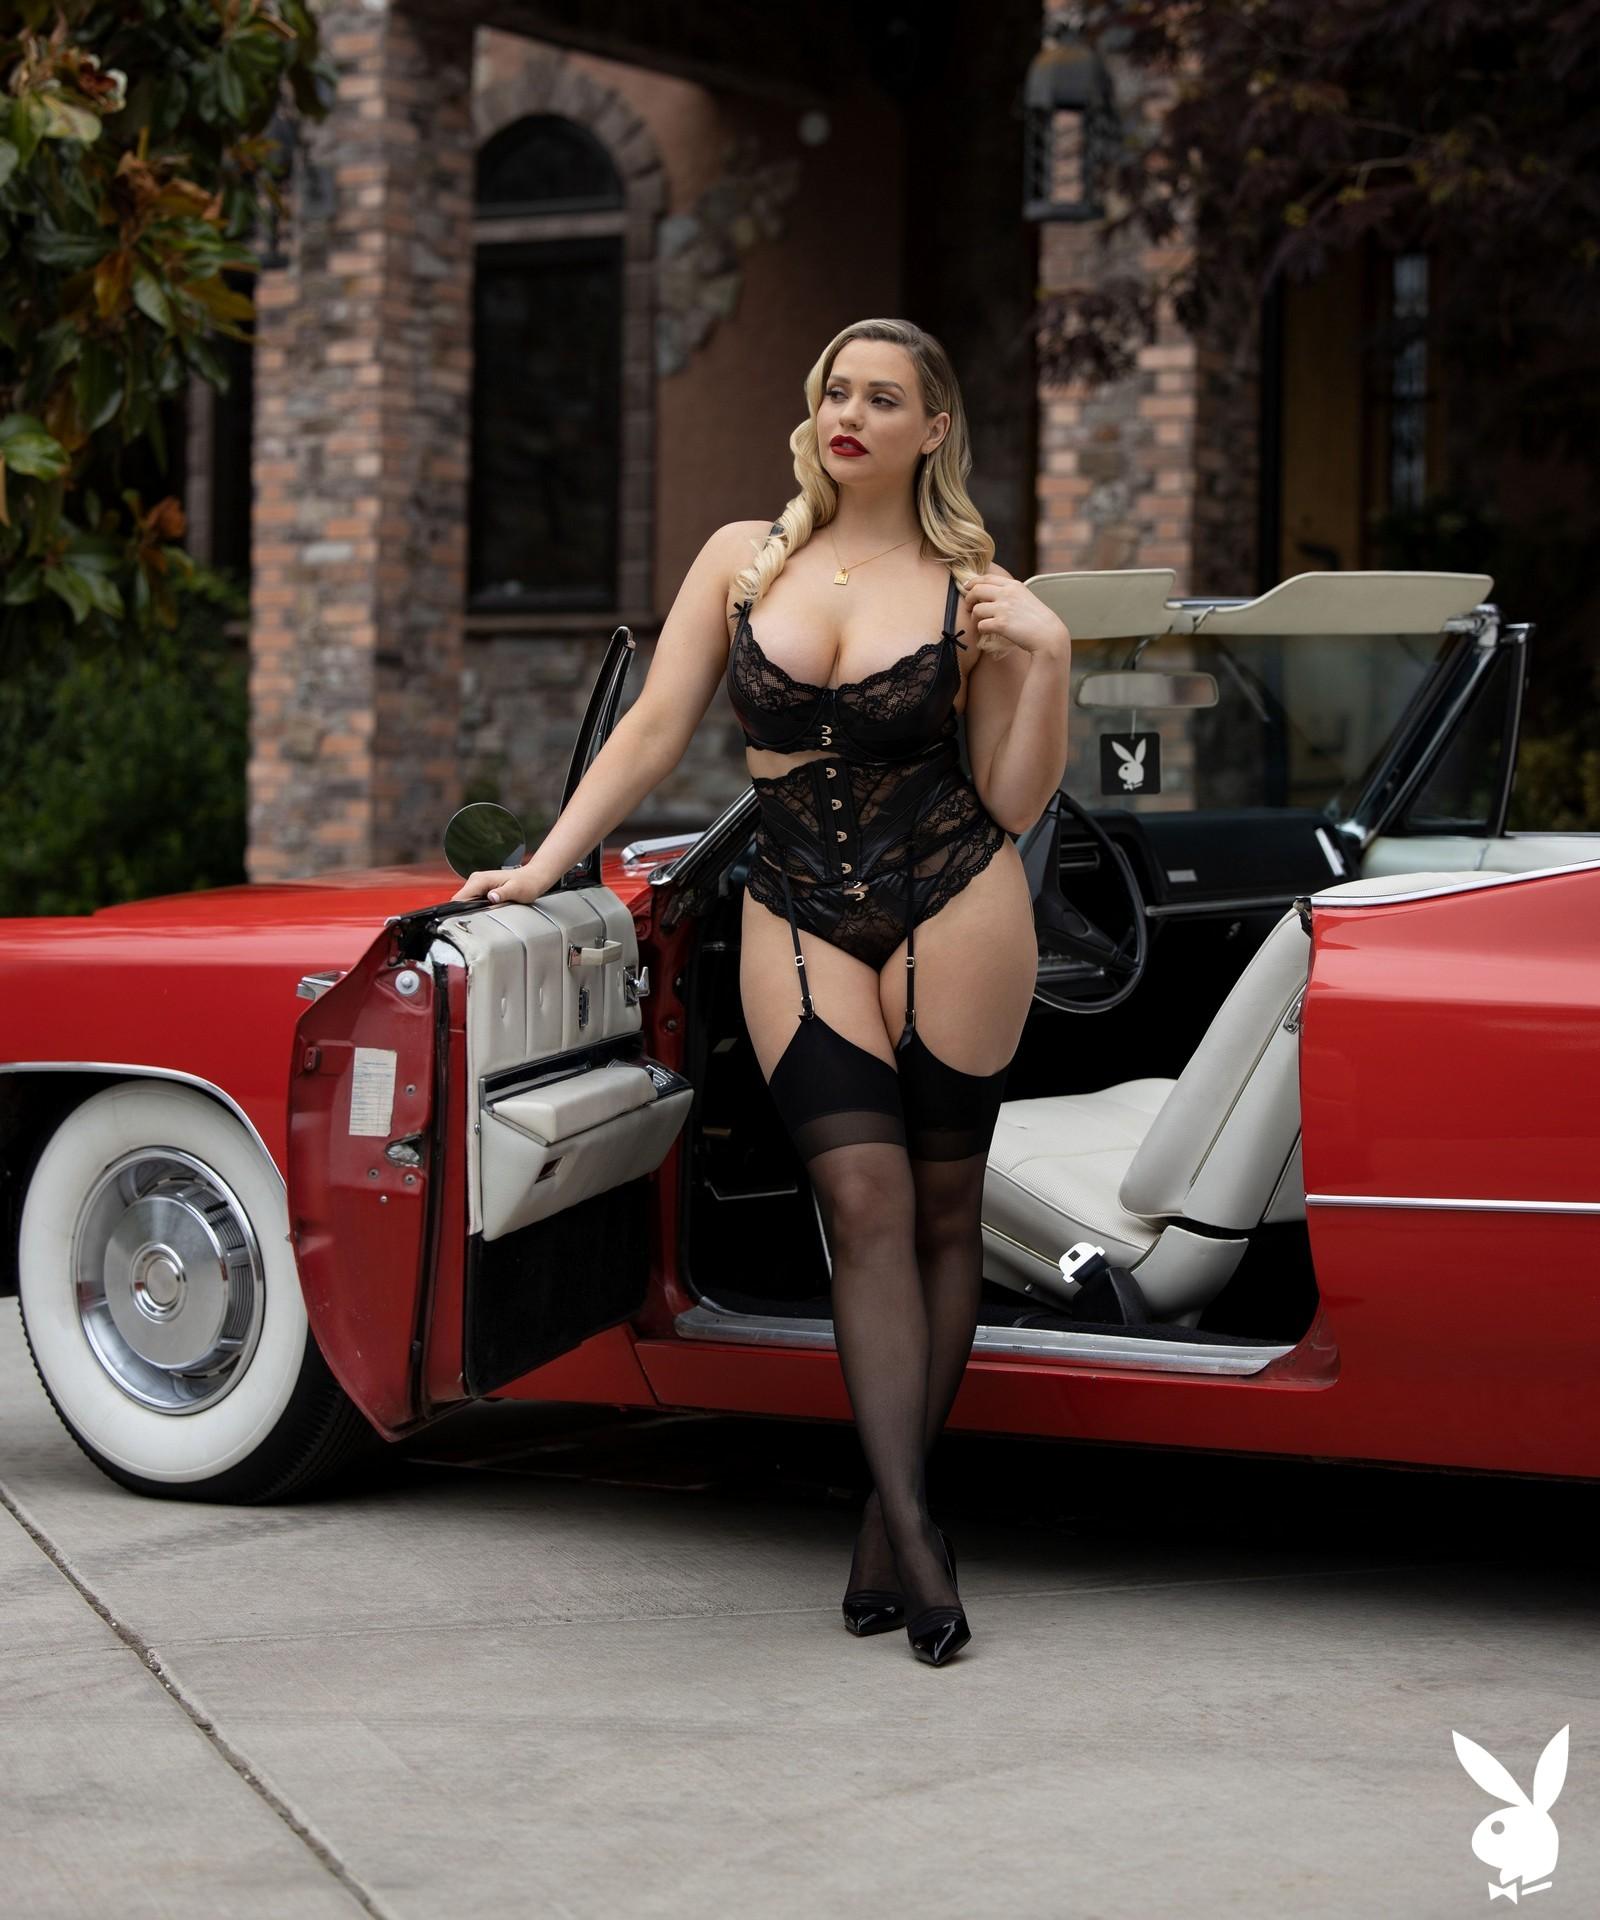 Mia Malkova In Drive Me Wild Playboy Plus (13)